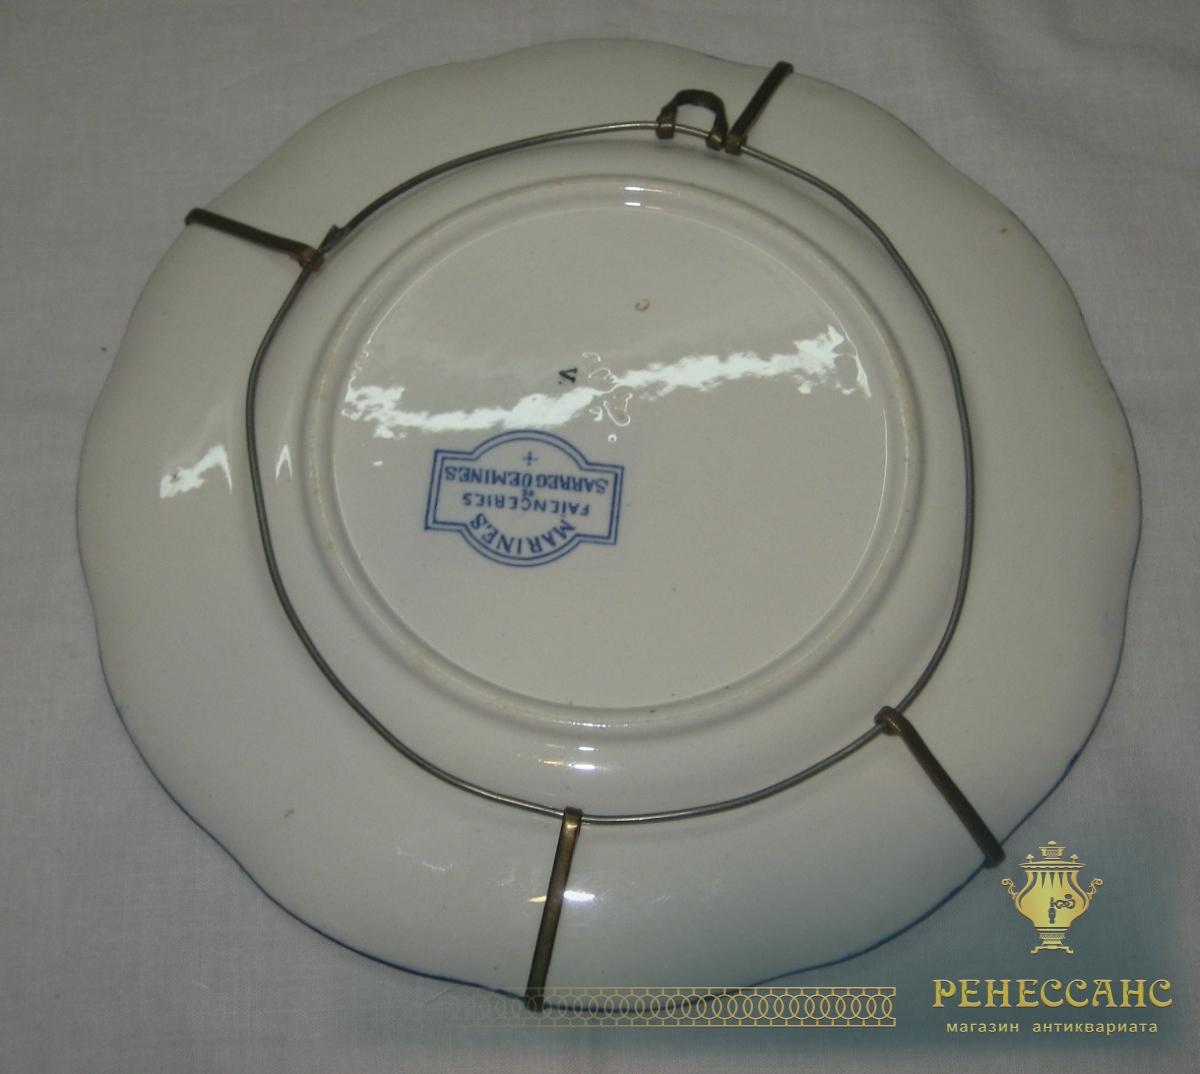 Тарелки настенные, панно, фарфор, Европа 19-20 век №2819